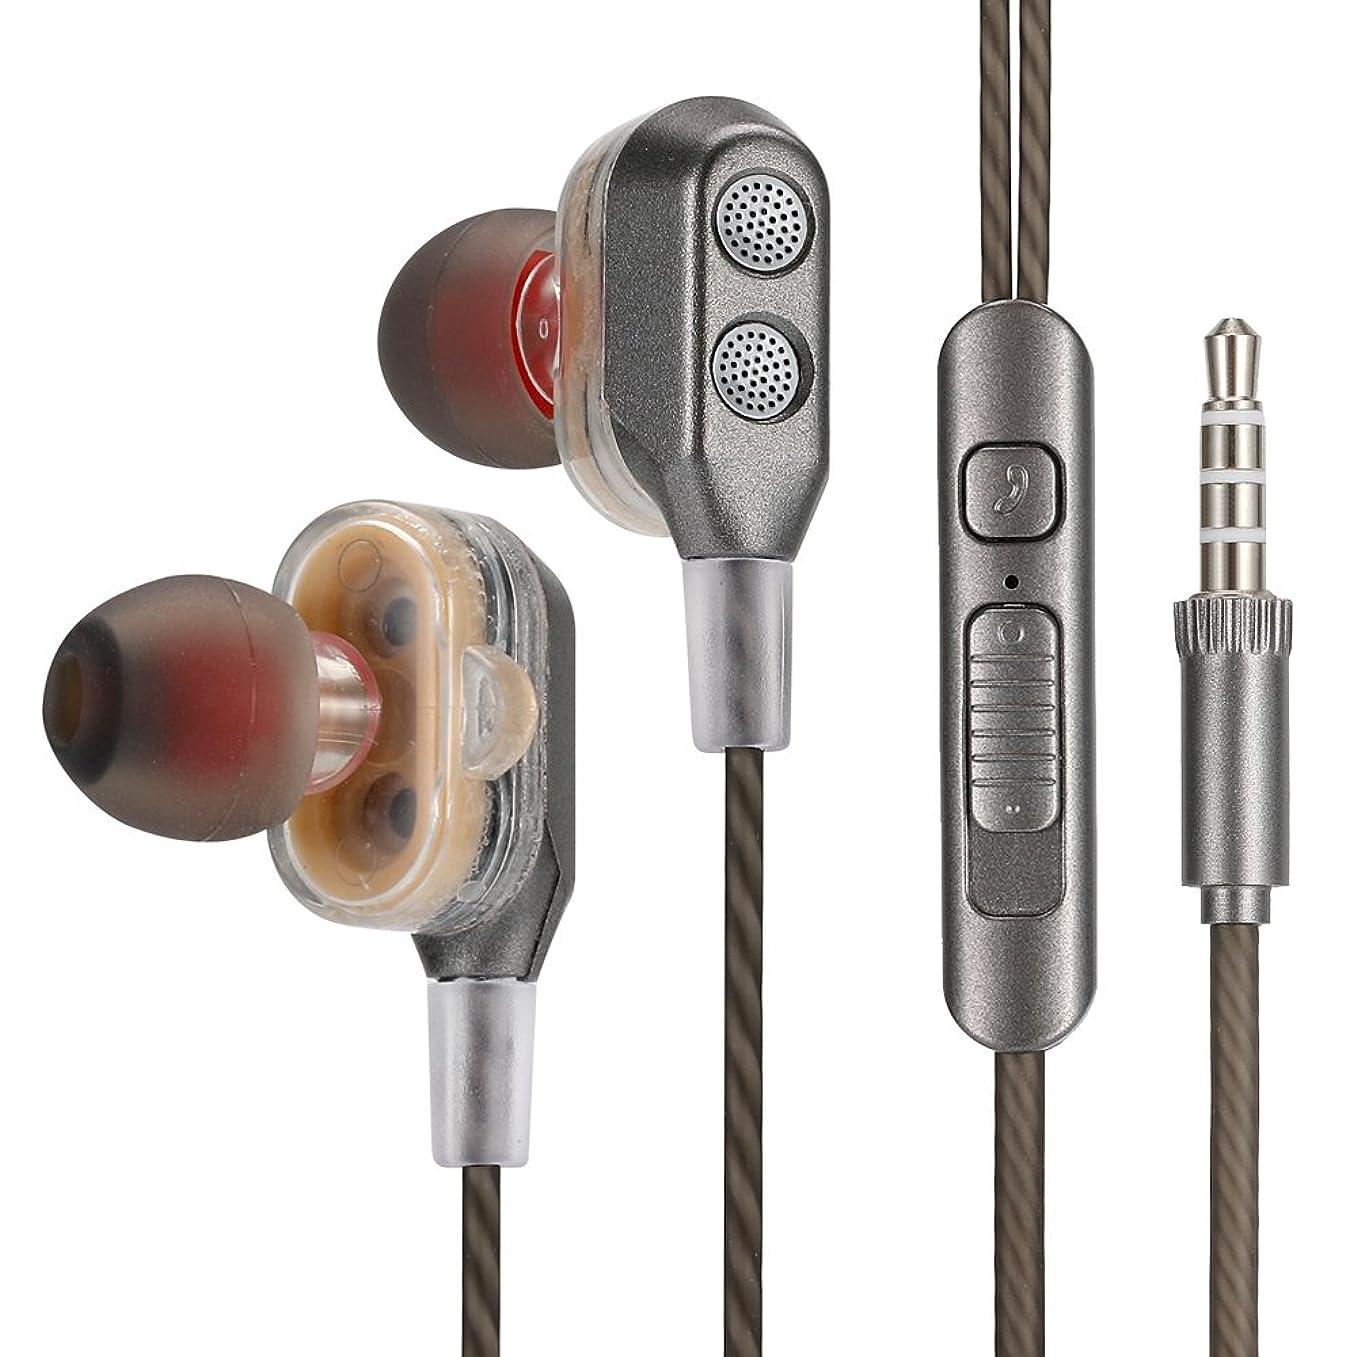 イベントモルヒネ地質学ステレオ イヤホン 安い 高音質 重低音 通話可能 音量調整 ステレオイヤホン ハンズフリー iphone 1.2m iPod iPad iPhone Android設備対応 (グレー)